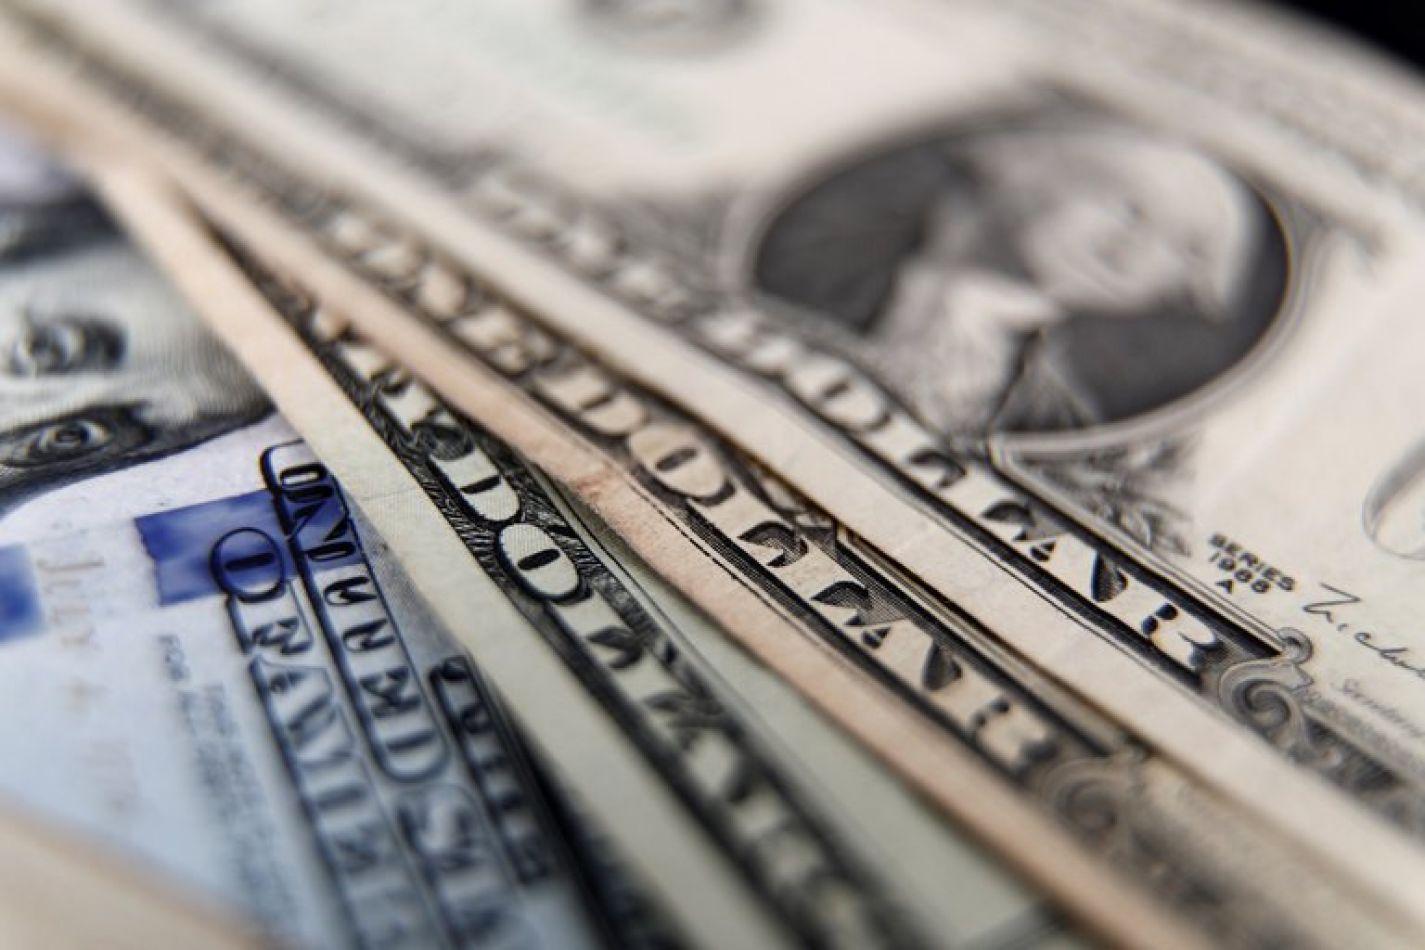 El dólar libre subió a $178 y anotó un nuevo récord: ya es 100 pesos más caro que el oficial